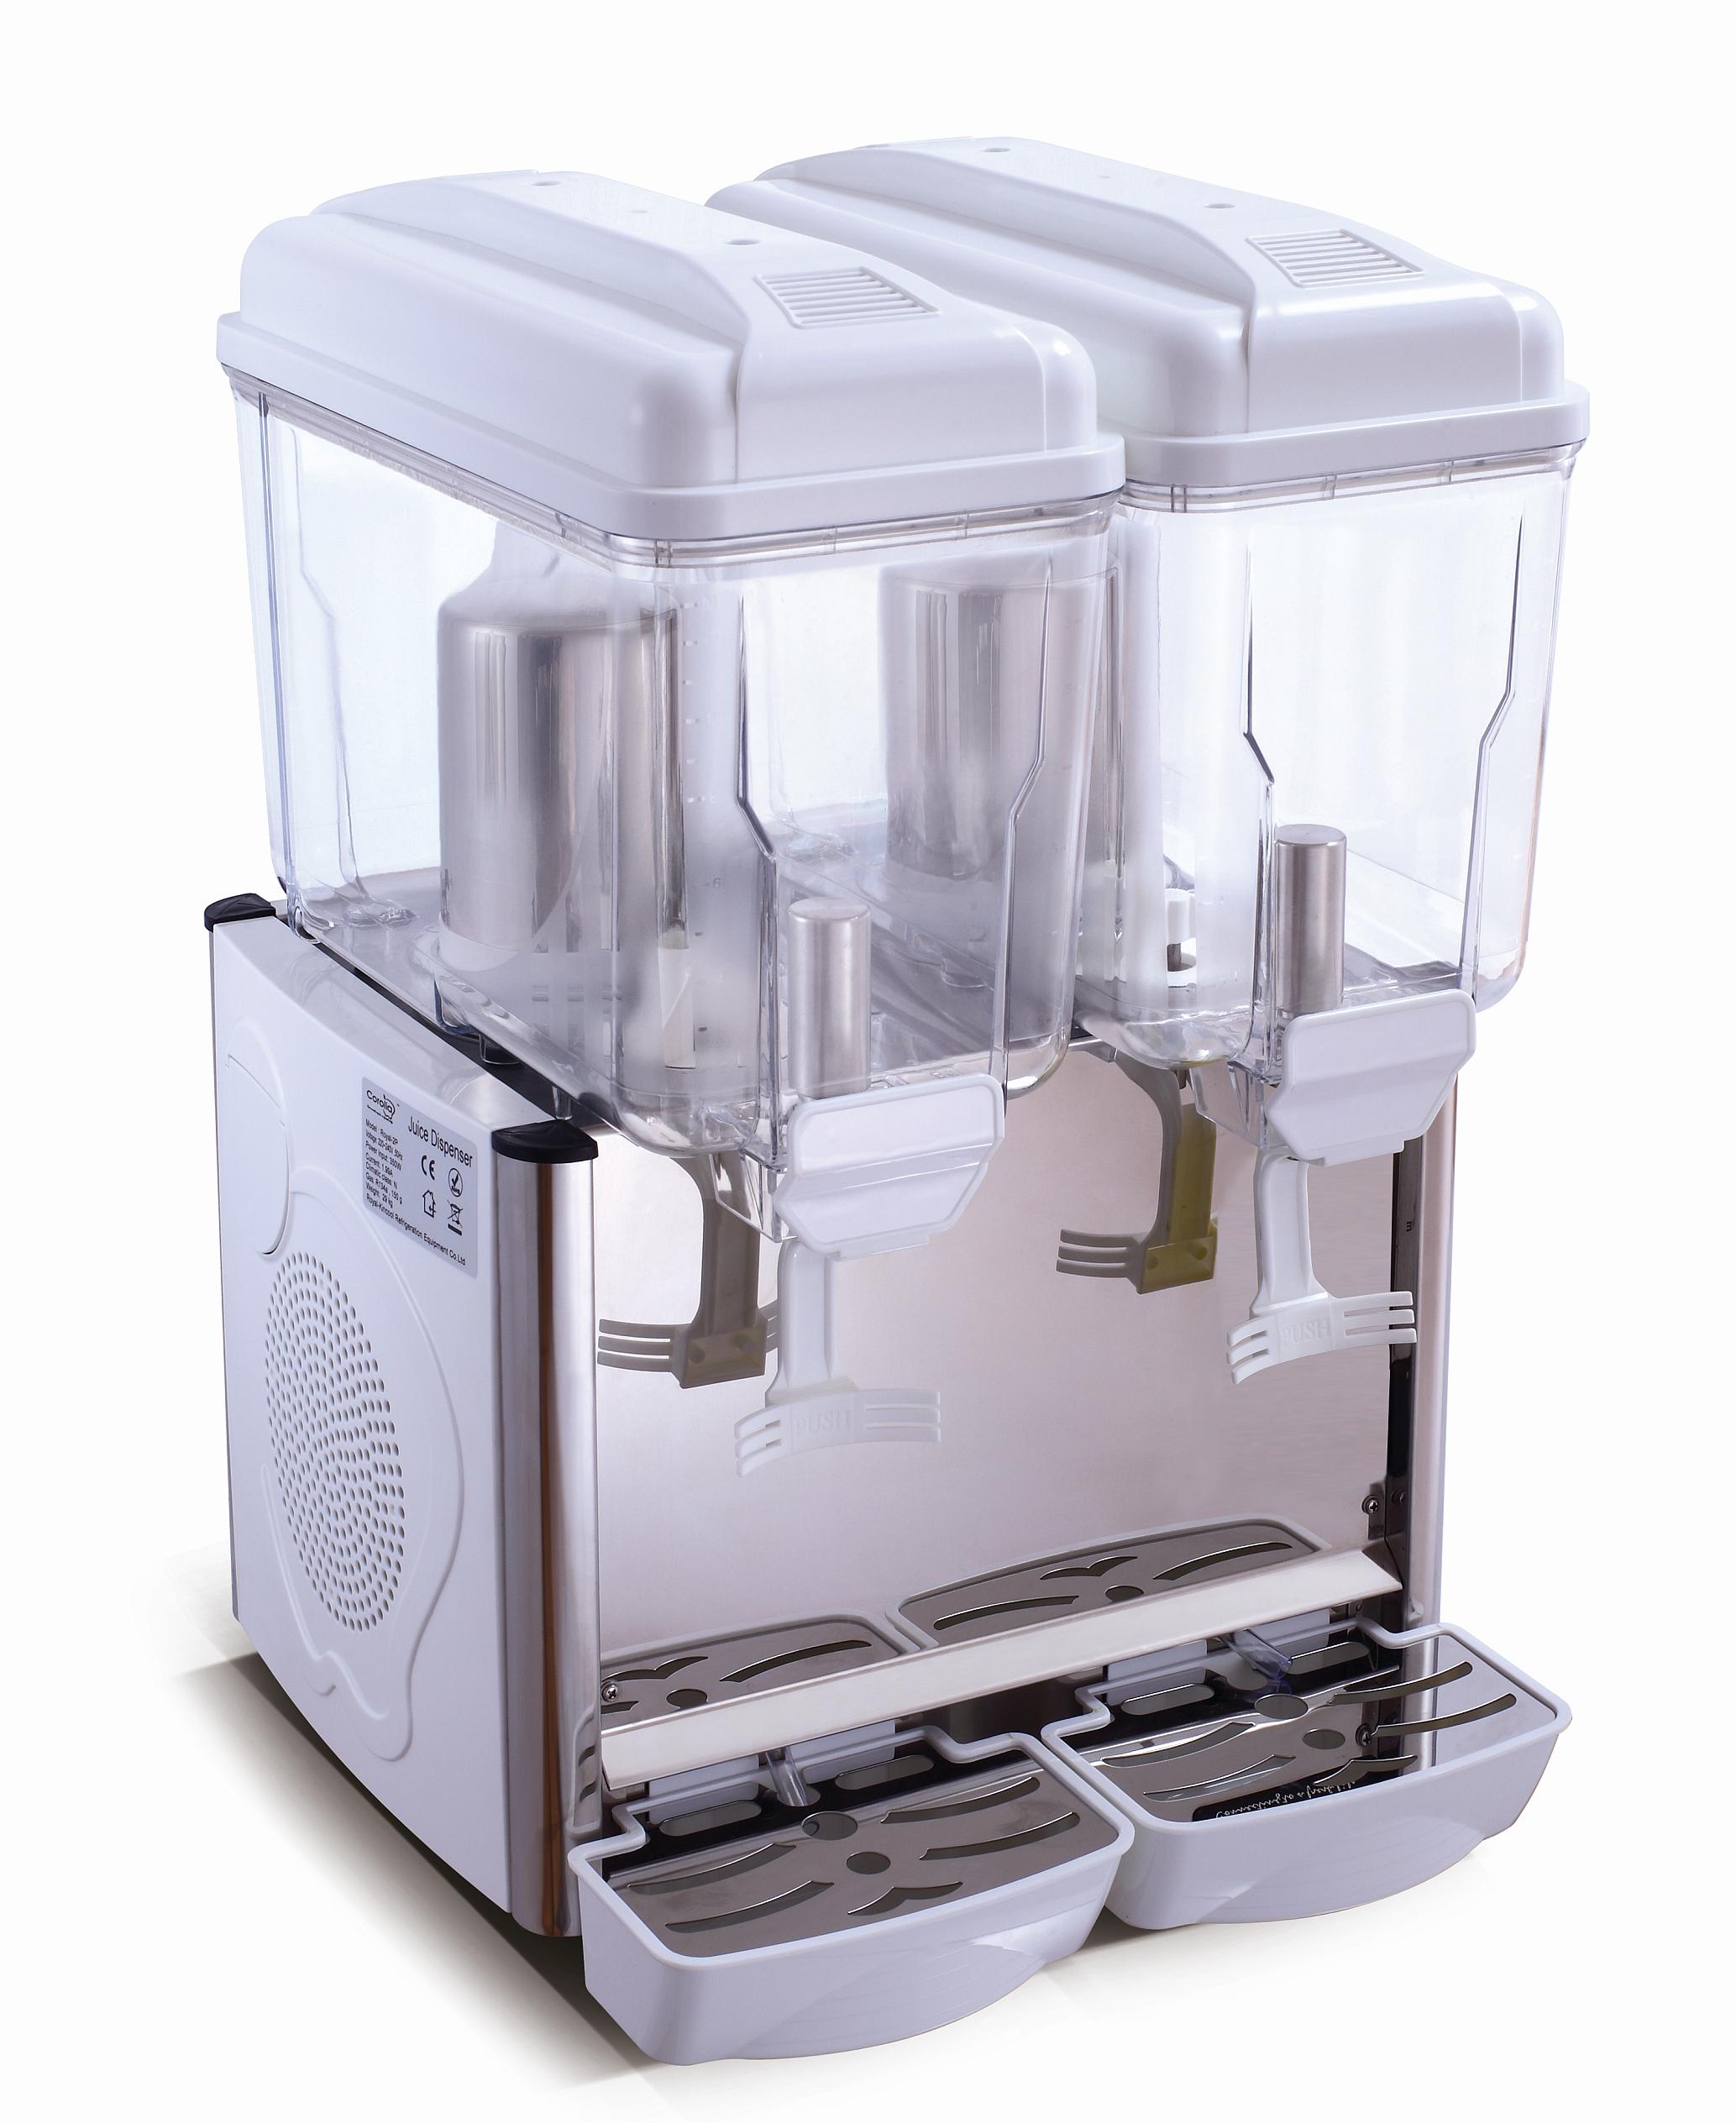 Cold Drink Dispenser Model Corolla 2w Saro